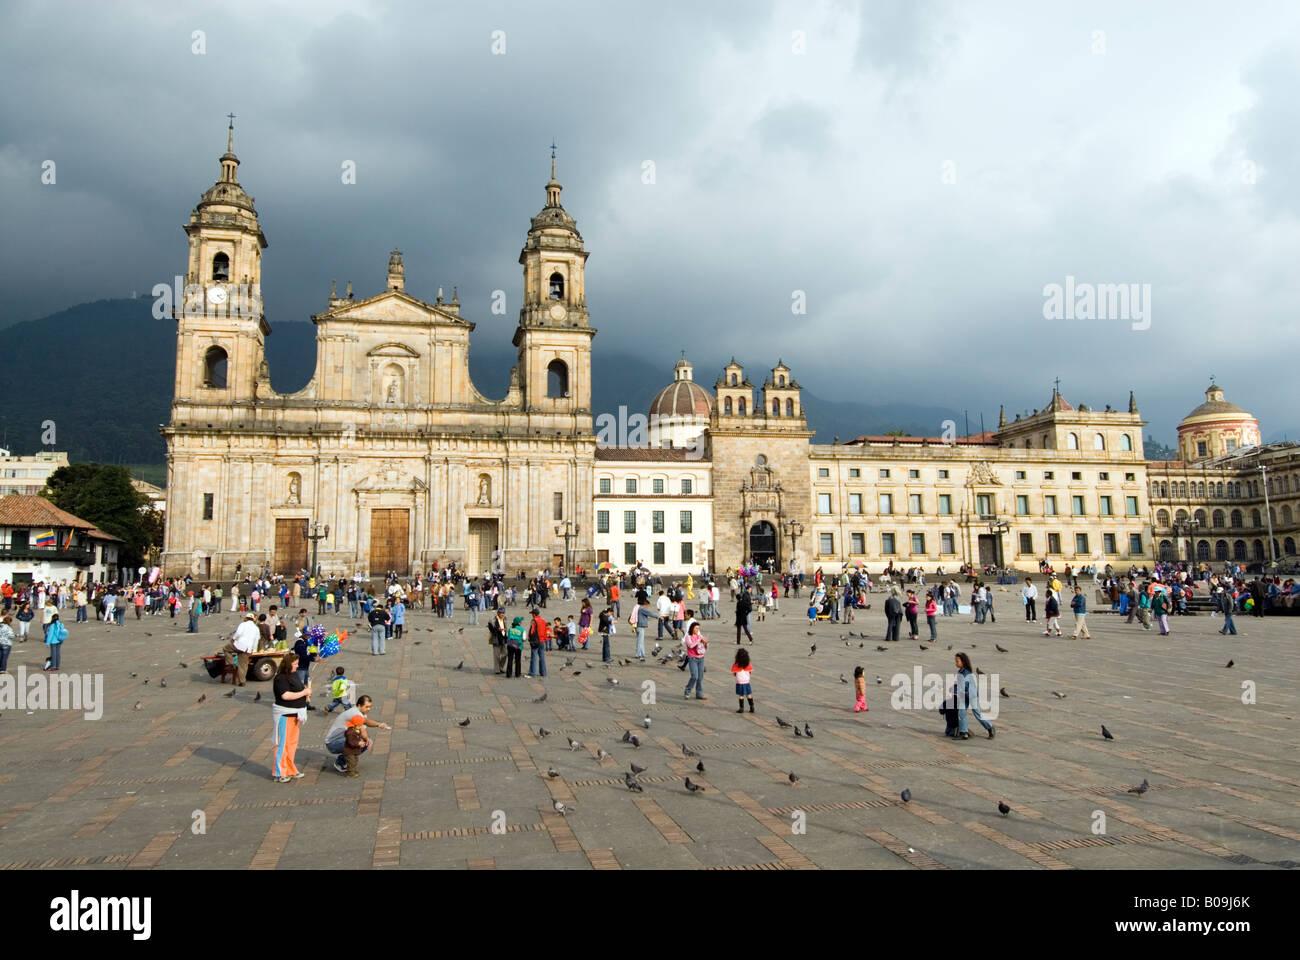 La Catedral principal sobre la Plaza de Bolívar Bogotá, Colombia Imagen De Stock